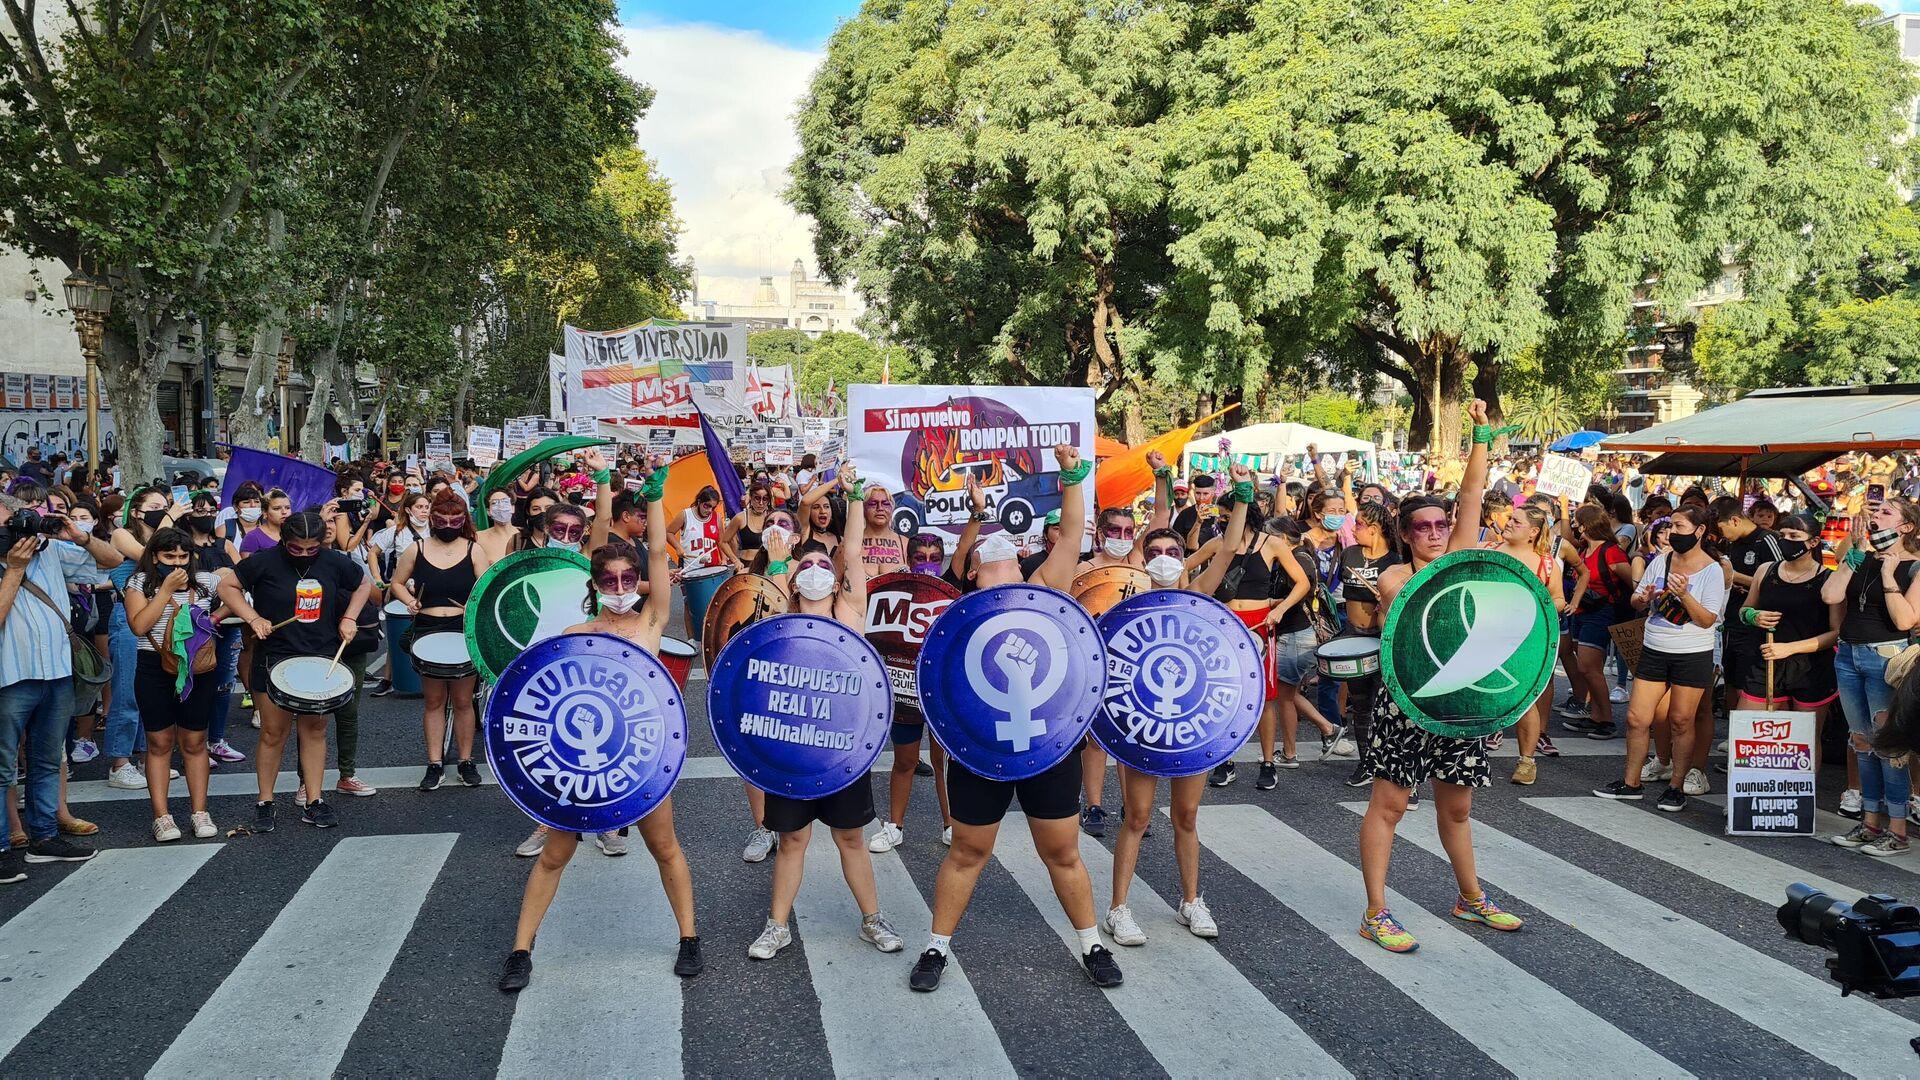 El Día Internacional de la Mujer fue otra jornada de lucha del feminismo fuera del Congreso argentino - Sputnik Mundo, 1920, 12.03.2021